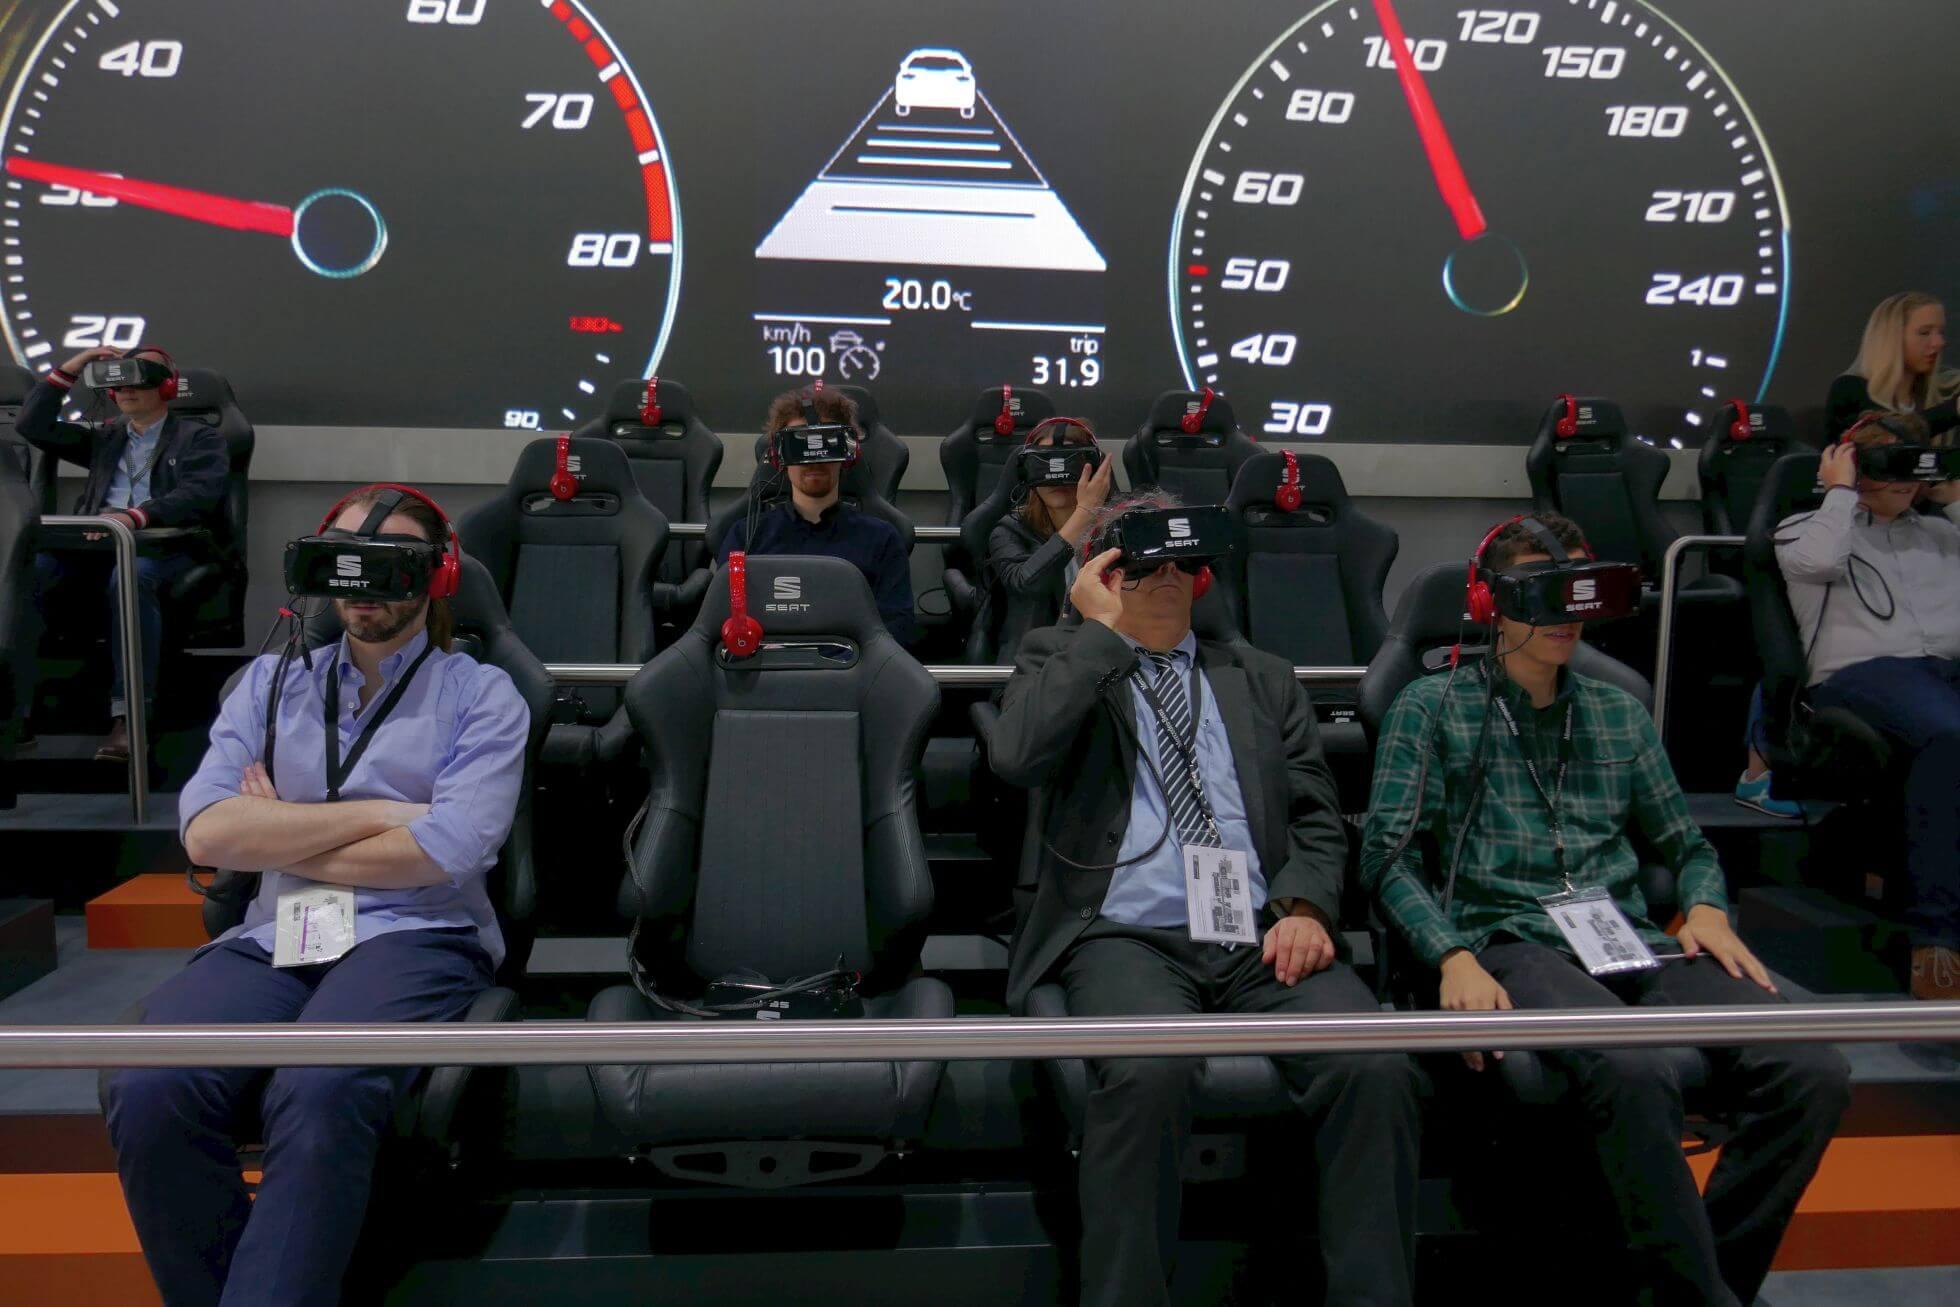 Mal was anderes: Ganze 36 Samsung Gear VR geballt auf einer Tribüne mit Rennsitzen.